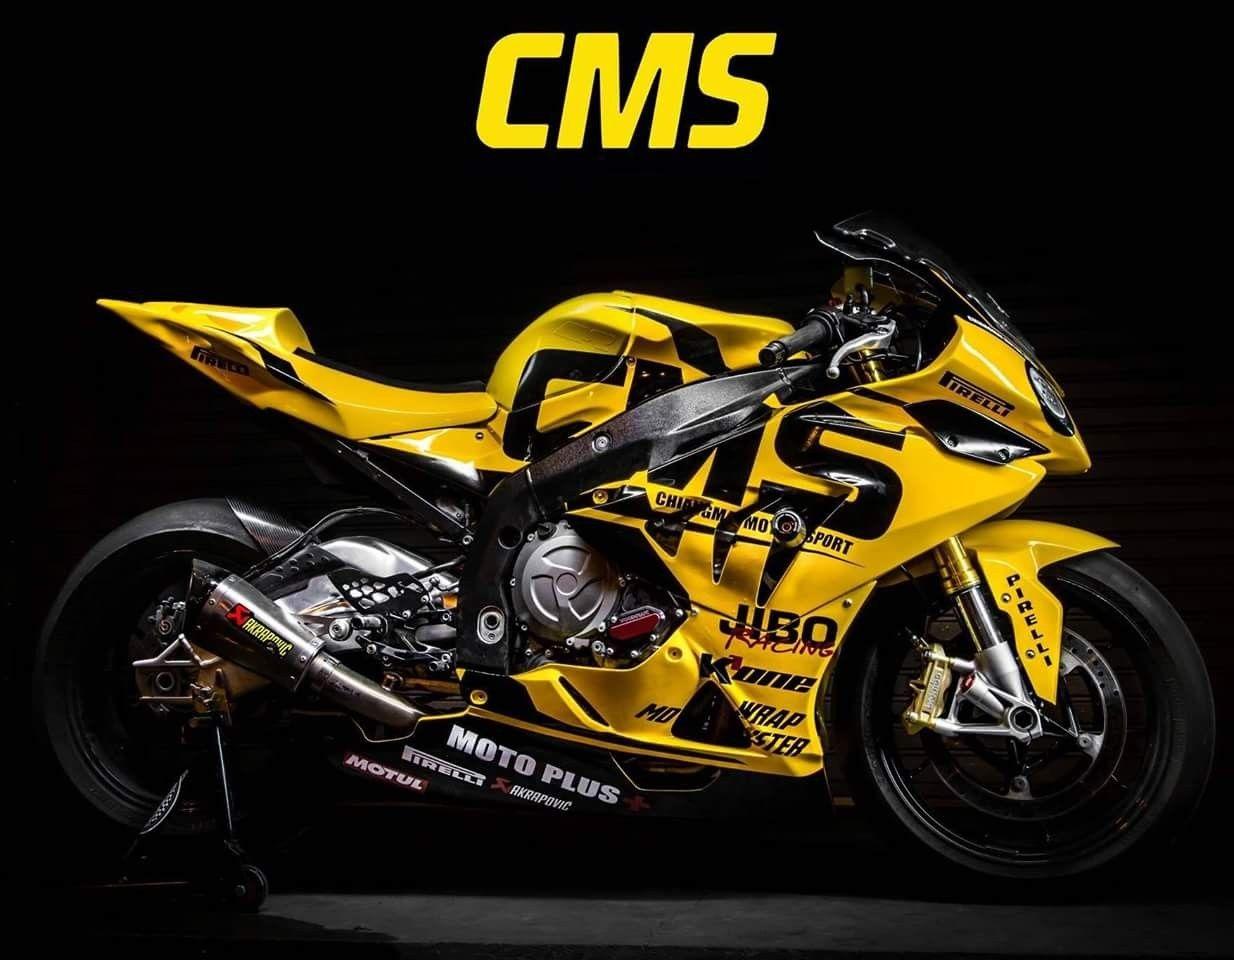 Pin De Robin Morel Em Super Bike Motos Esportivas Motos S1000r